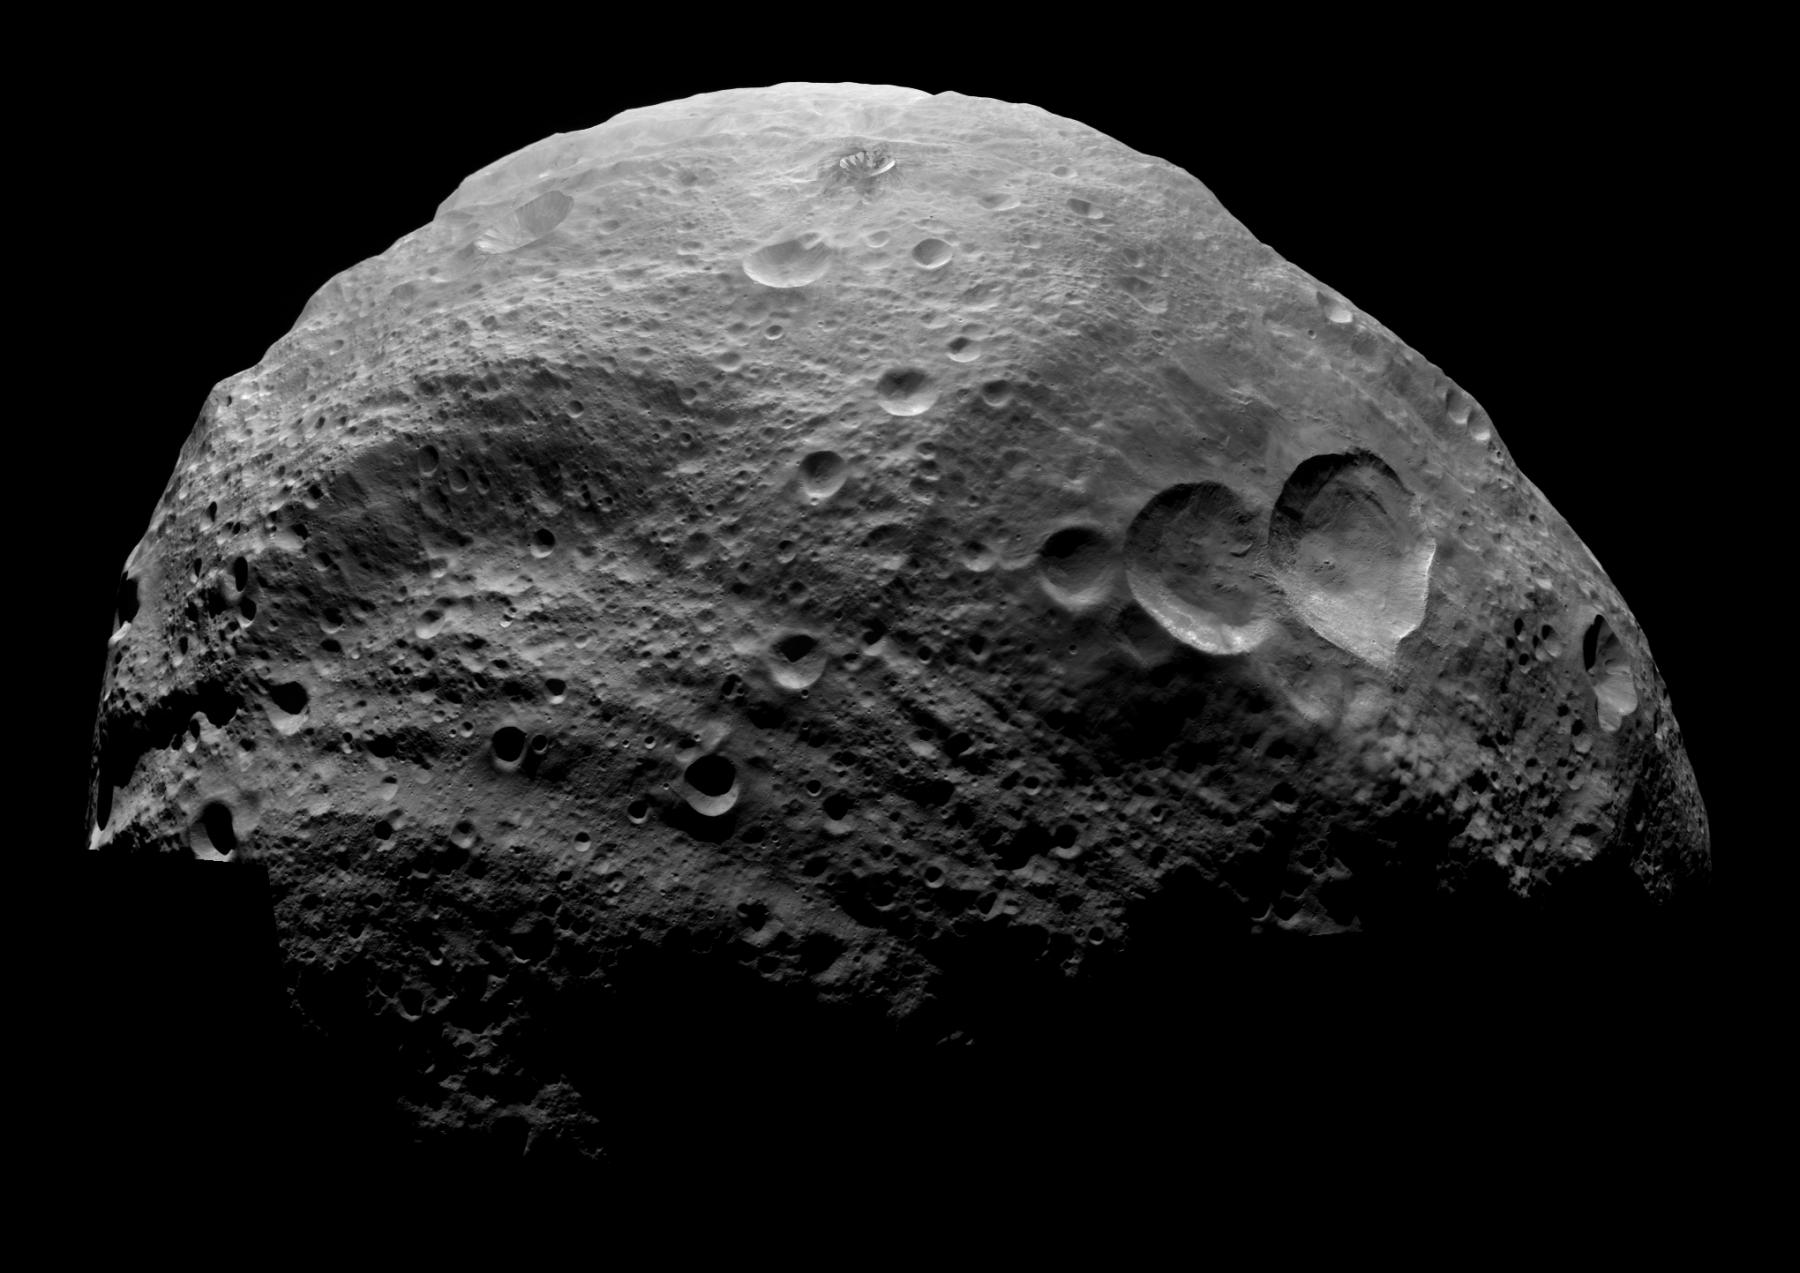 Vol virtuel au-dessus de l'astéroïde Vespa